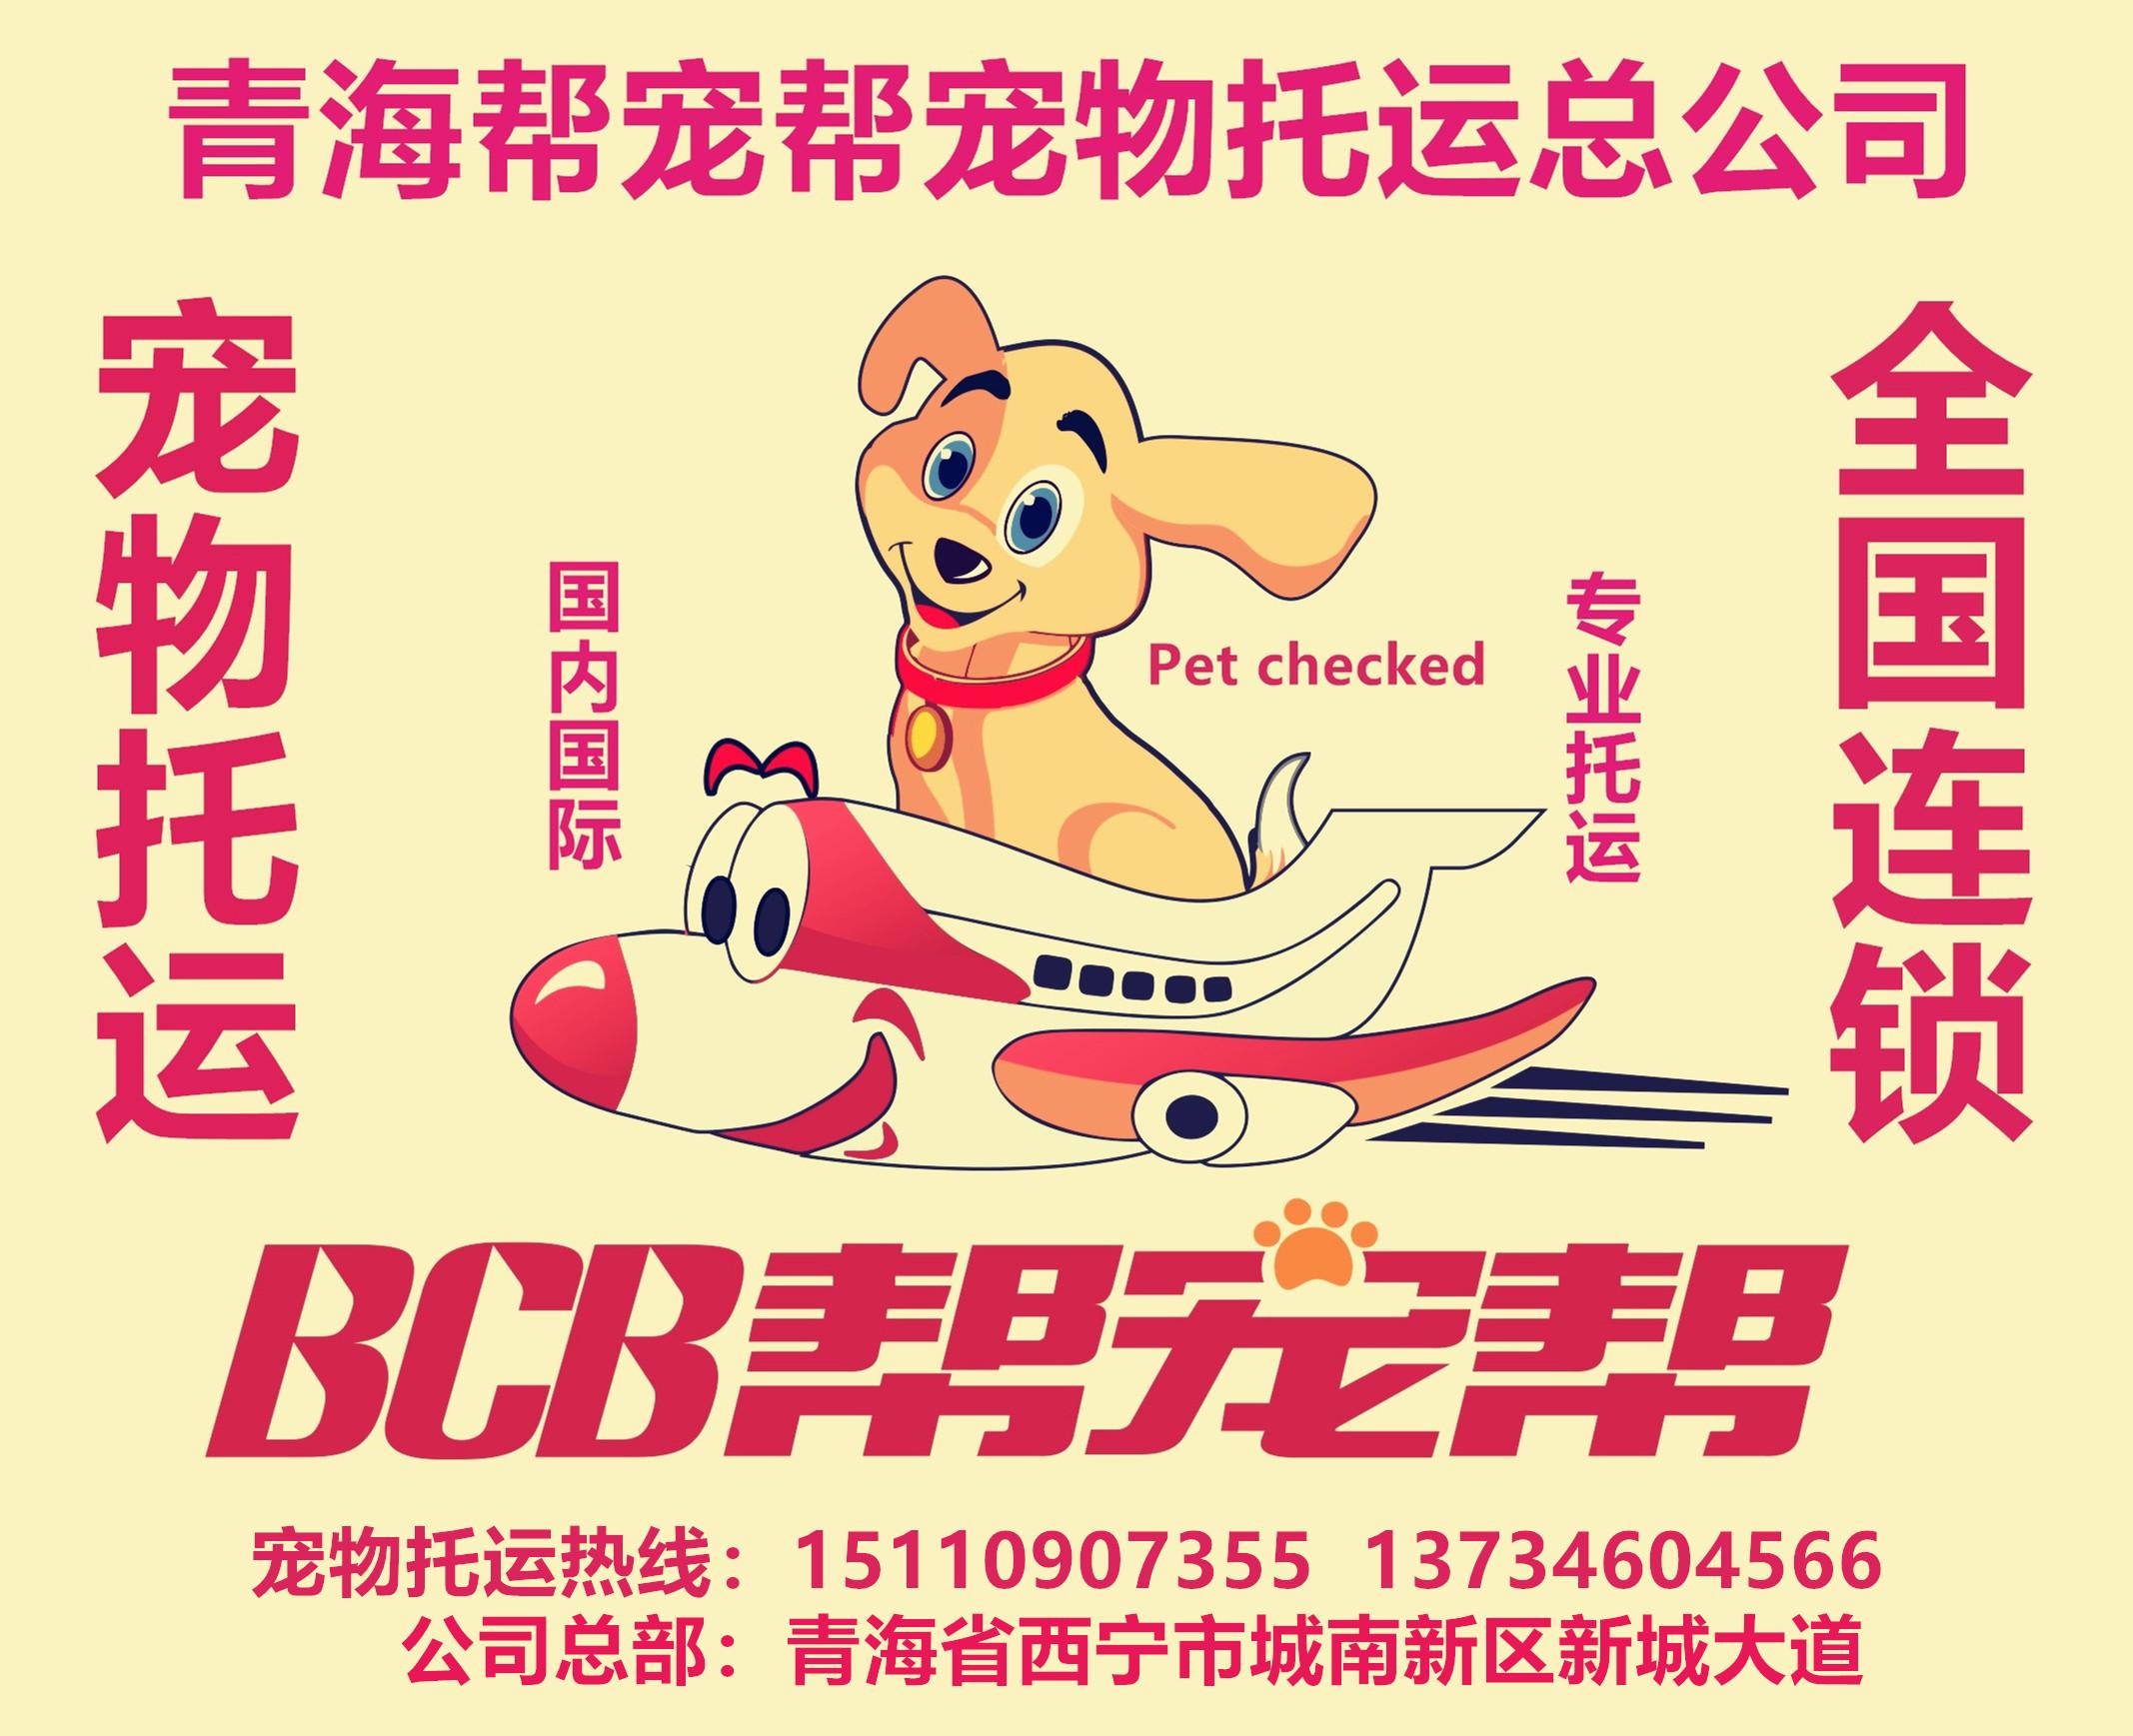 西宁猫狗航空宠物托运最早的是哪个公司?帮宠帮